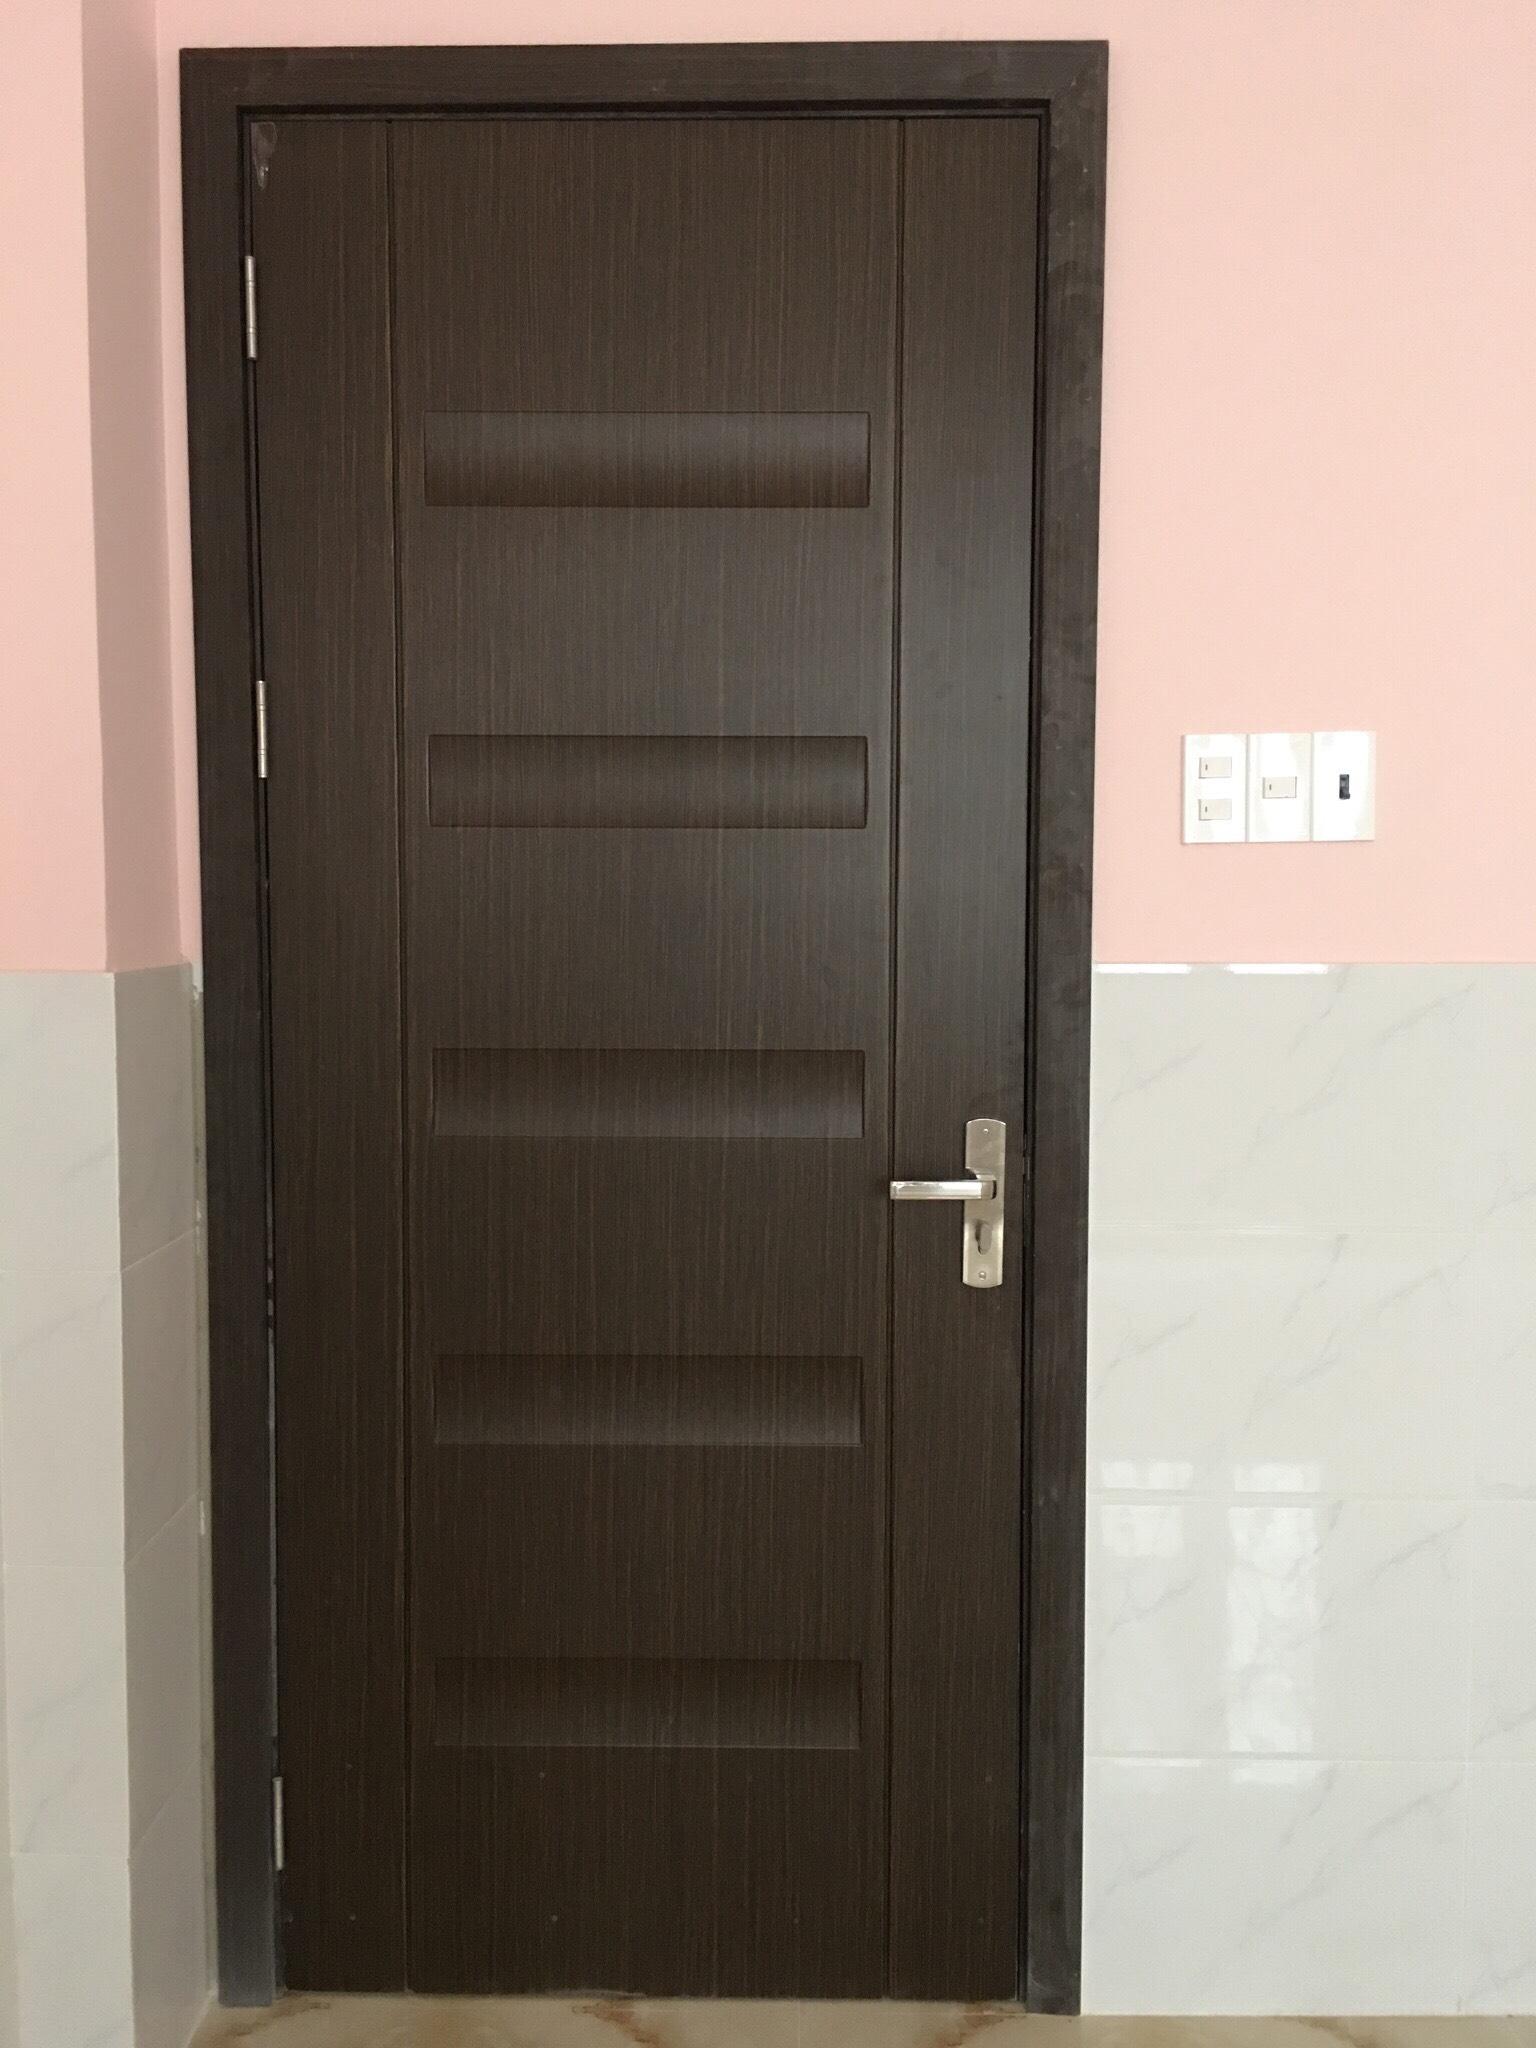 Cửa nhựa ABS Hàn Quốc - Cửa chuyên dùng cho phòng ngủ